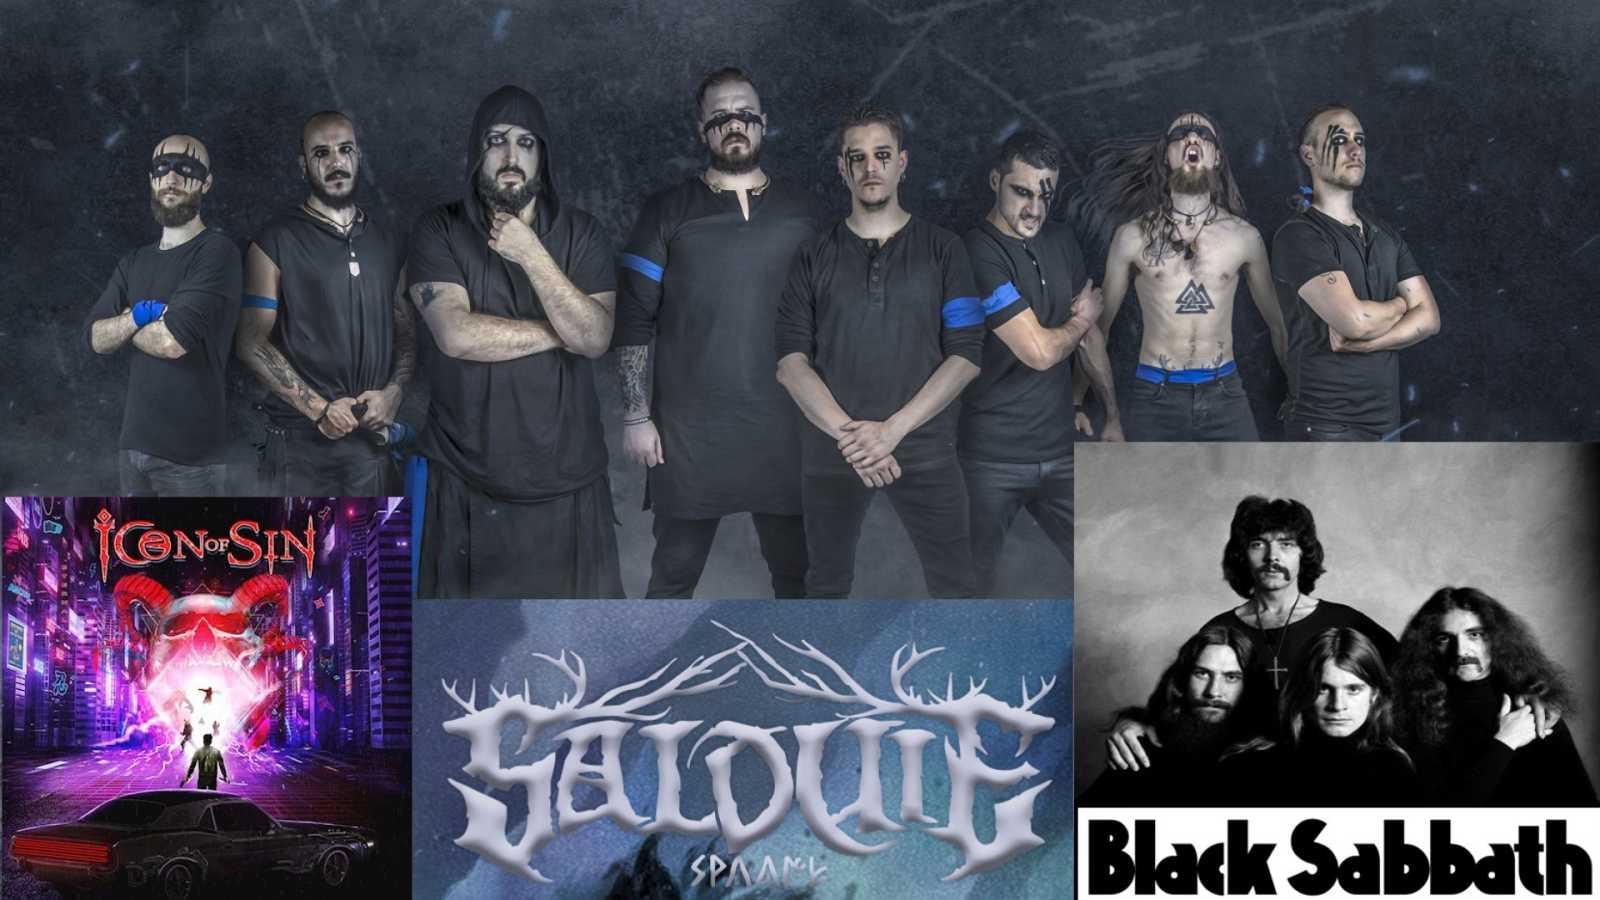 El vuelo del Fénix - Salduie, Black Sabbath y Icon of Sin - 10/02/21 - escuchar ahora